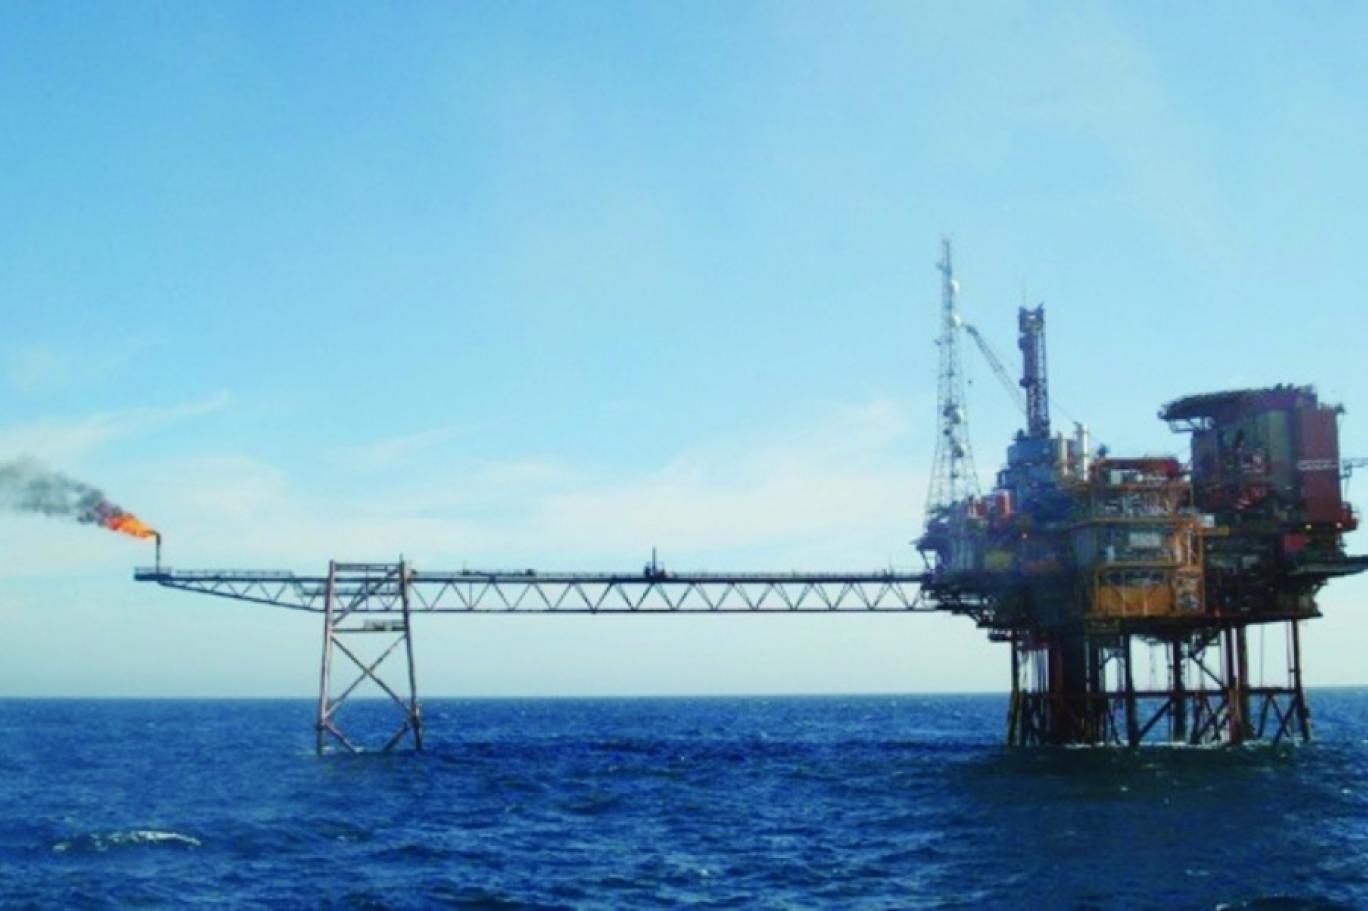 وزارة البترول: احتمالات مرتفعة لاكتشافات جديدة غرب المتوسط - جريدة المال